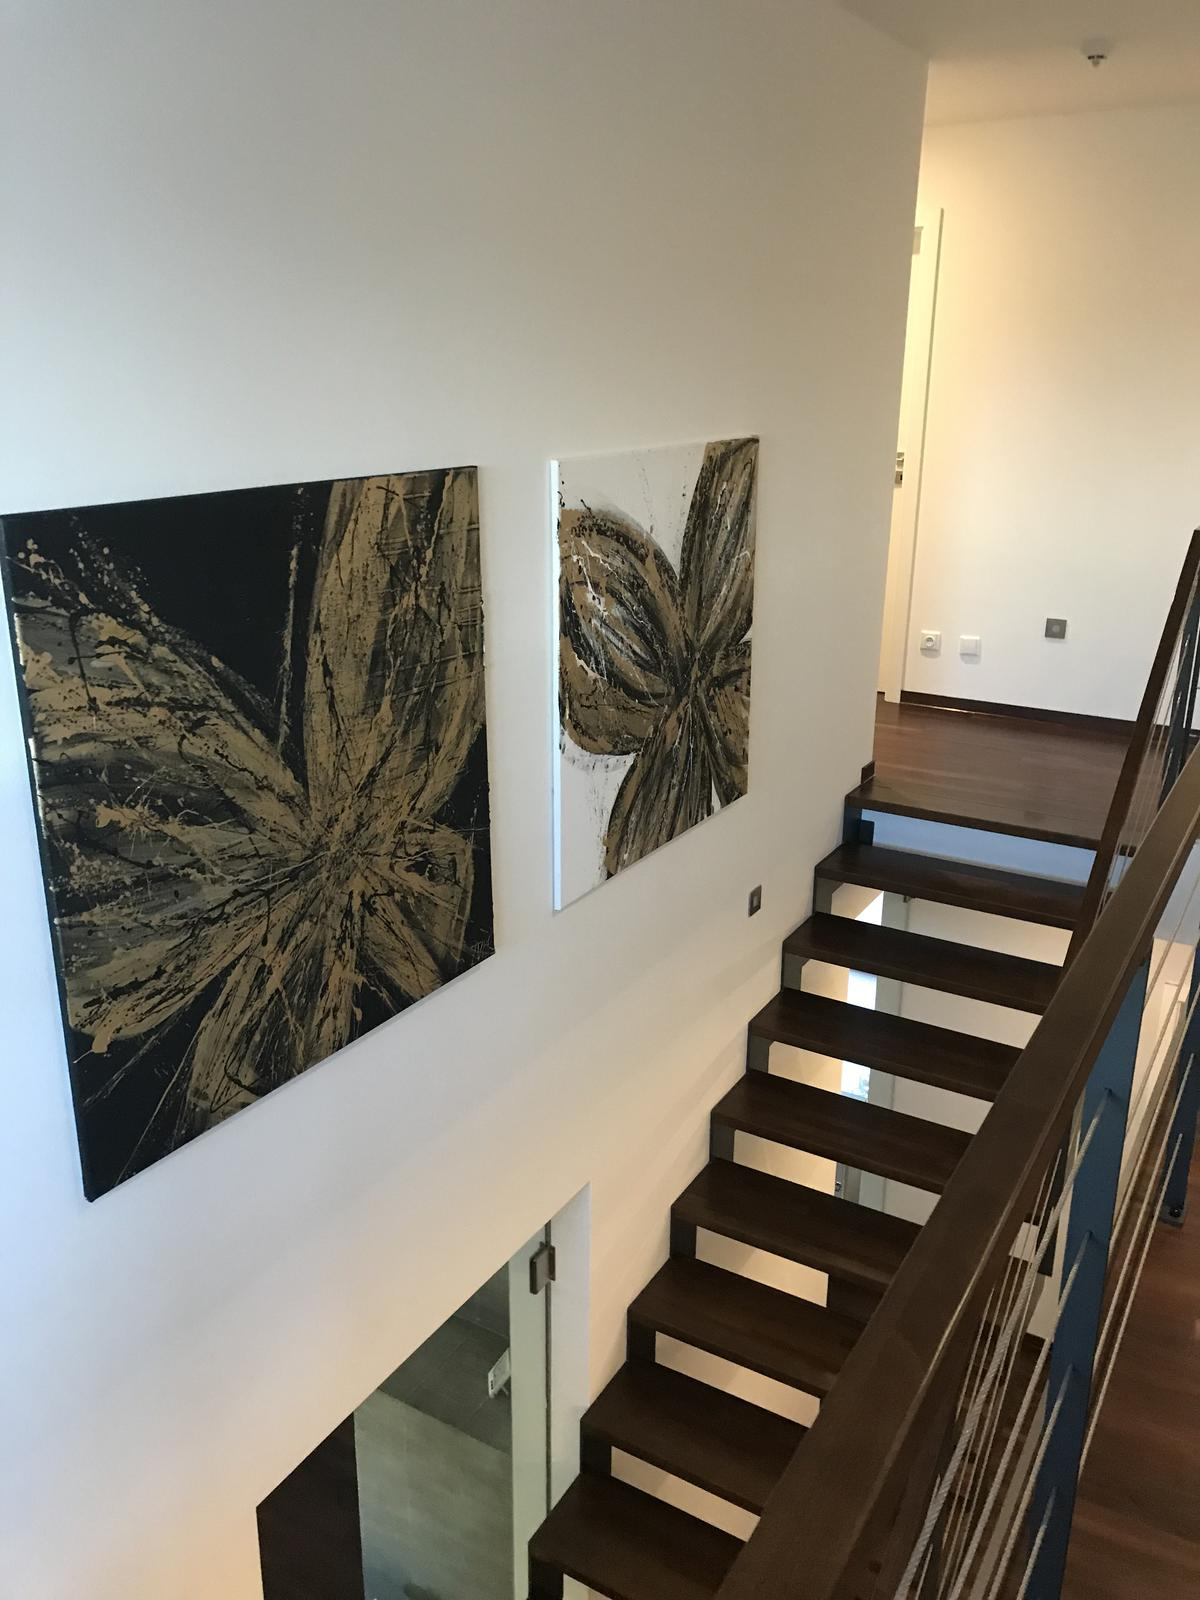 Mé obrazy v interiérech - Obrázek č. 70